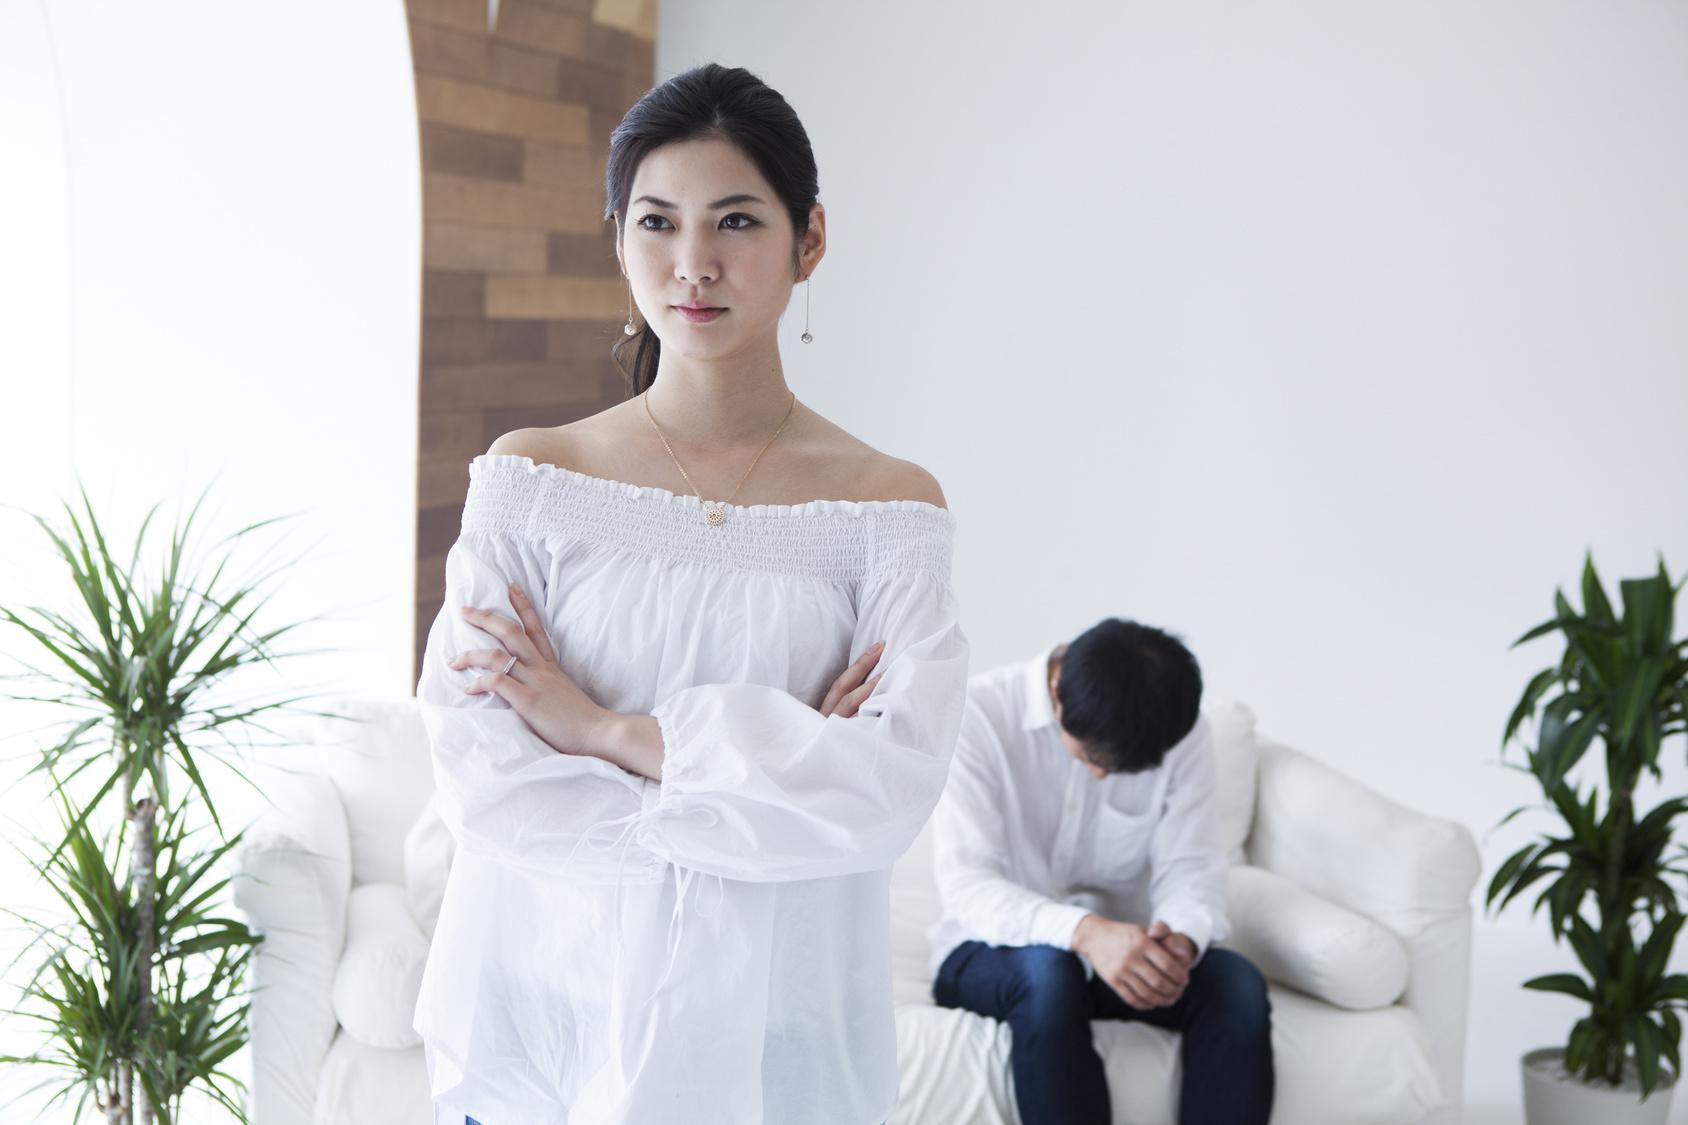 いつも○○を言っている夫婦は、6年以内に離婚する